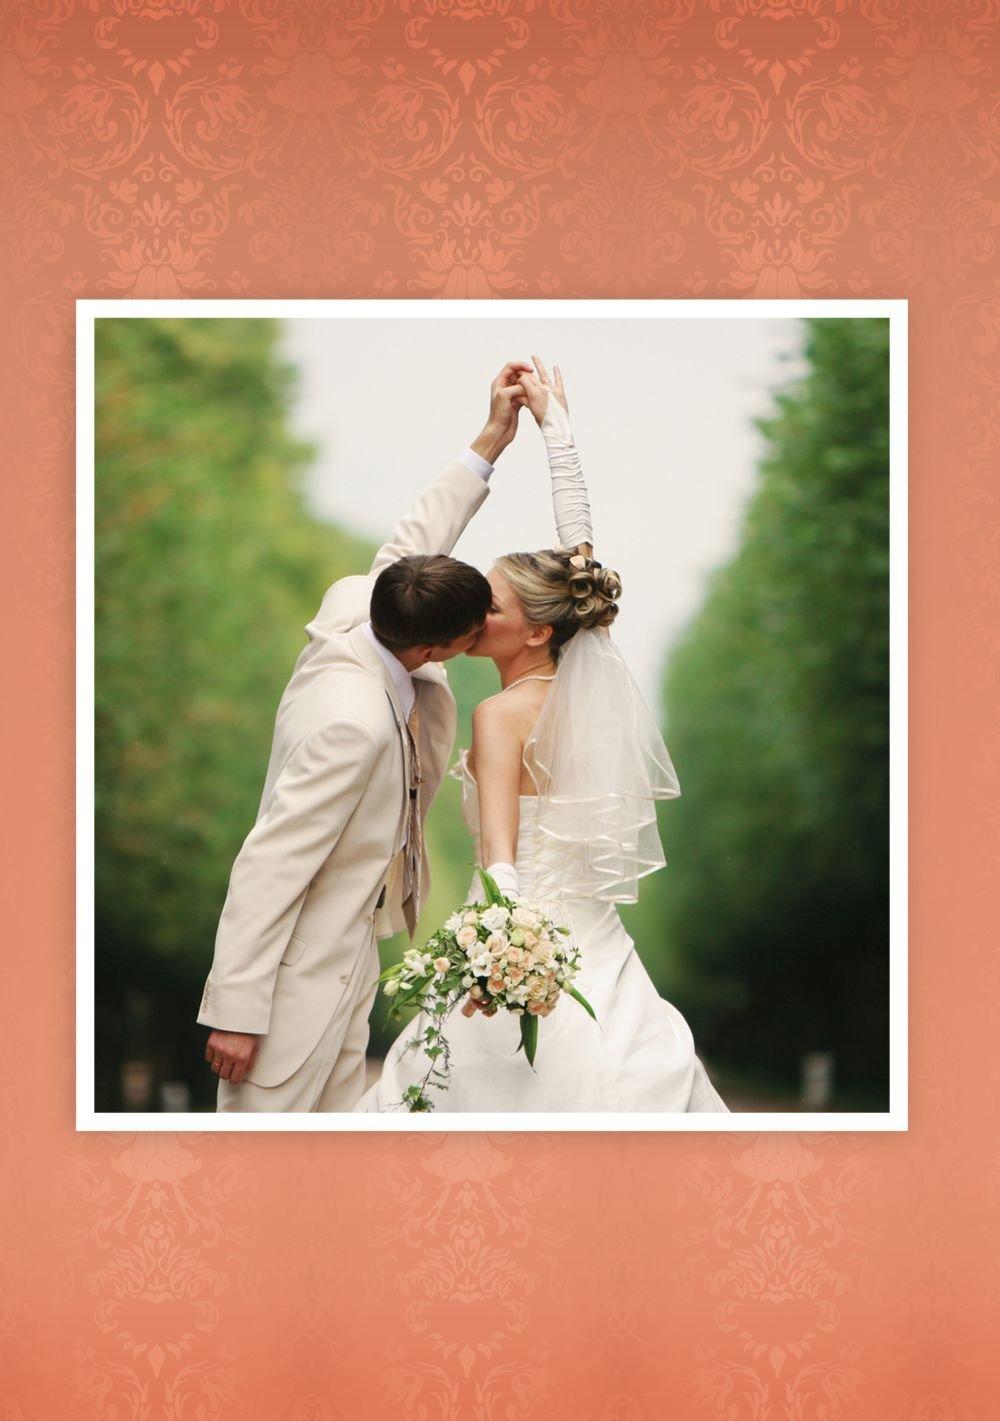 Kartenparadies Danksagung für Hochzeitsgeschenke Hochzeitsgeschenke Hochzeitsgeschenke Hochzeit Danke Eheversprechen, hochwertige Danksagungskarte Hochzeitsglückwünsche inklusive Umschläge   20 Karten - (Format  105x148 mm) Farbe  Orange B01NBXATYL | Haltbarkeit  | Heißer 3d2525